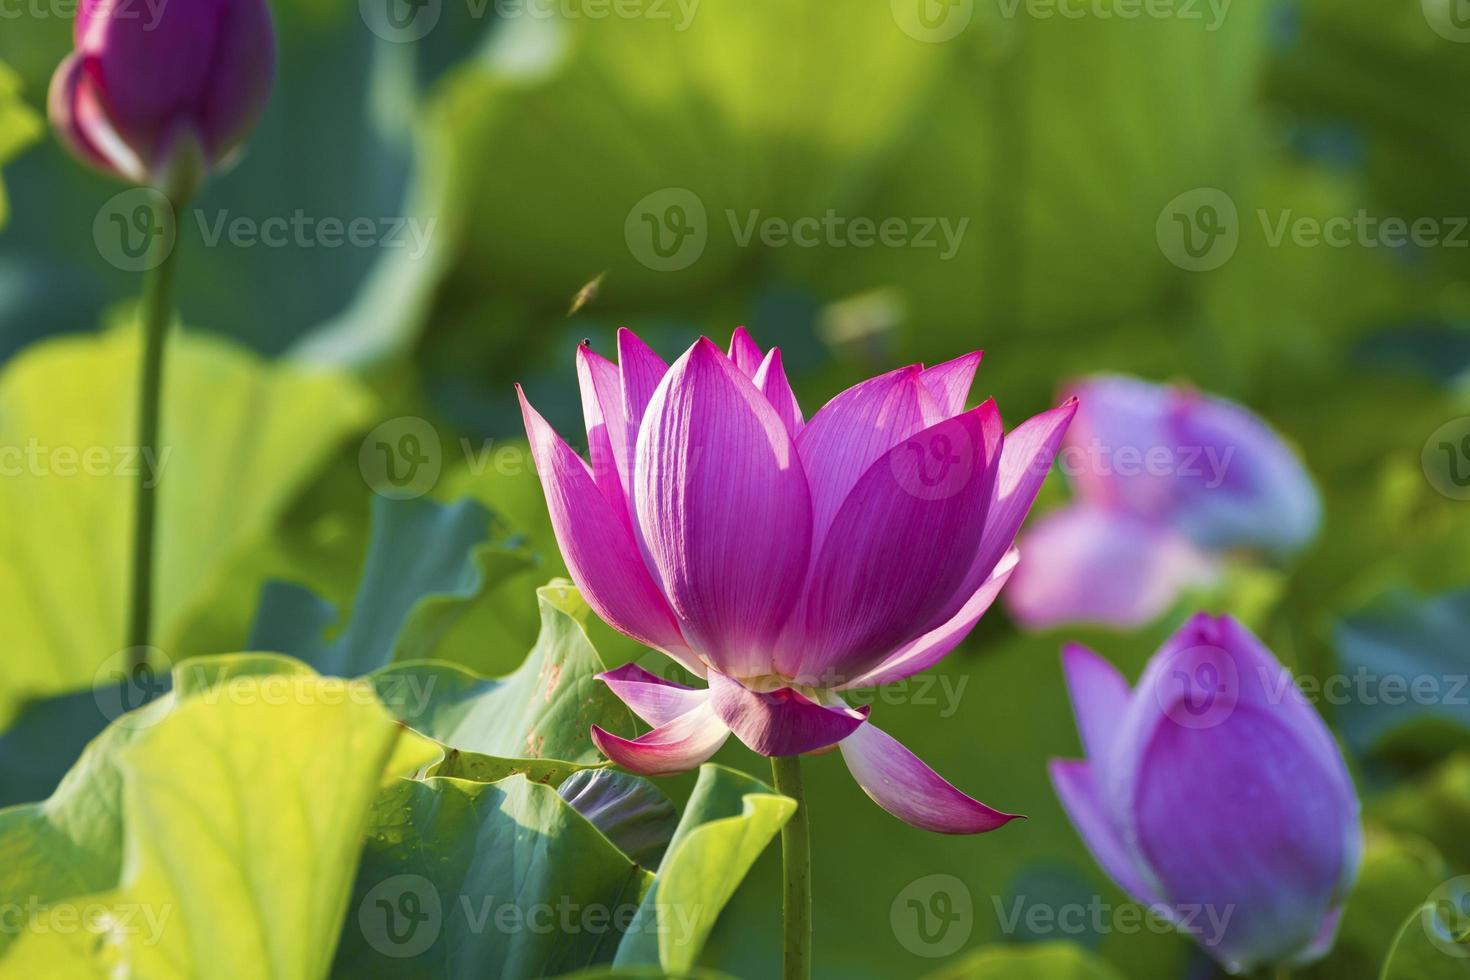 fiore di loto alla luce del sole foto